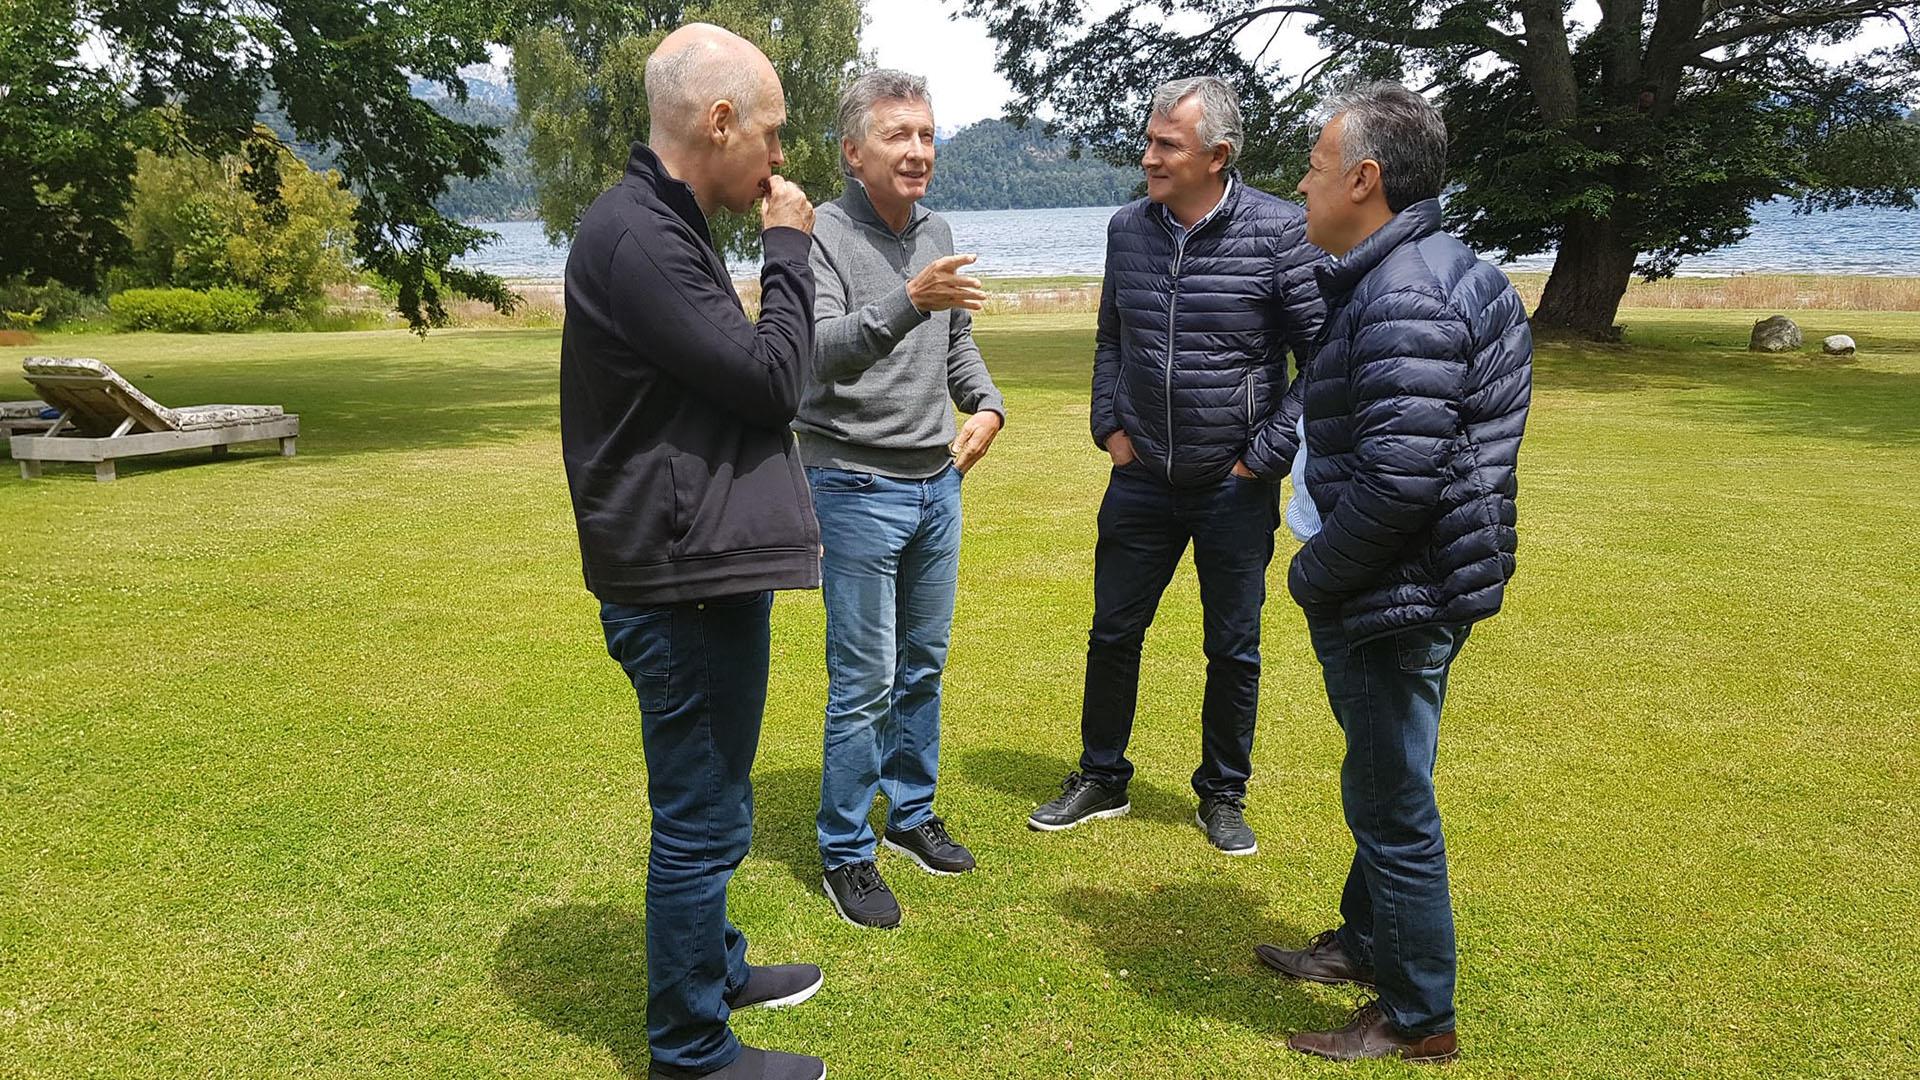 El año pasado, Macri se había reunido con Cornejo, Morales y Rodríguez Larreta para dialogar sobre la estrategia electoral